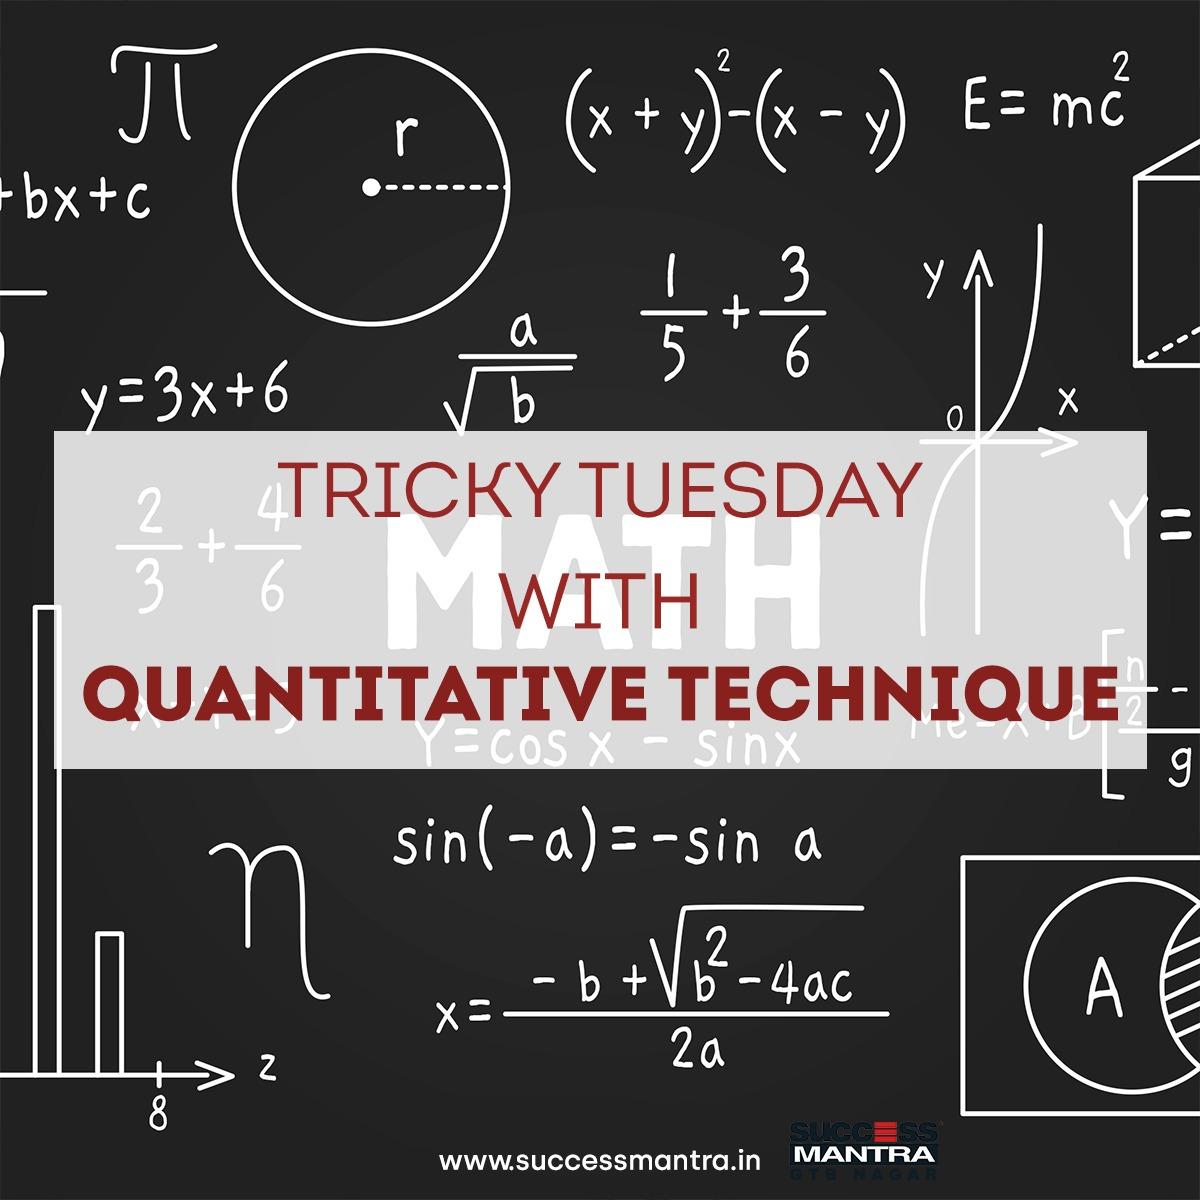 Questions On Quantitative Techniques SMQTQ032